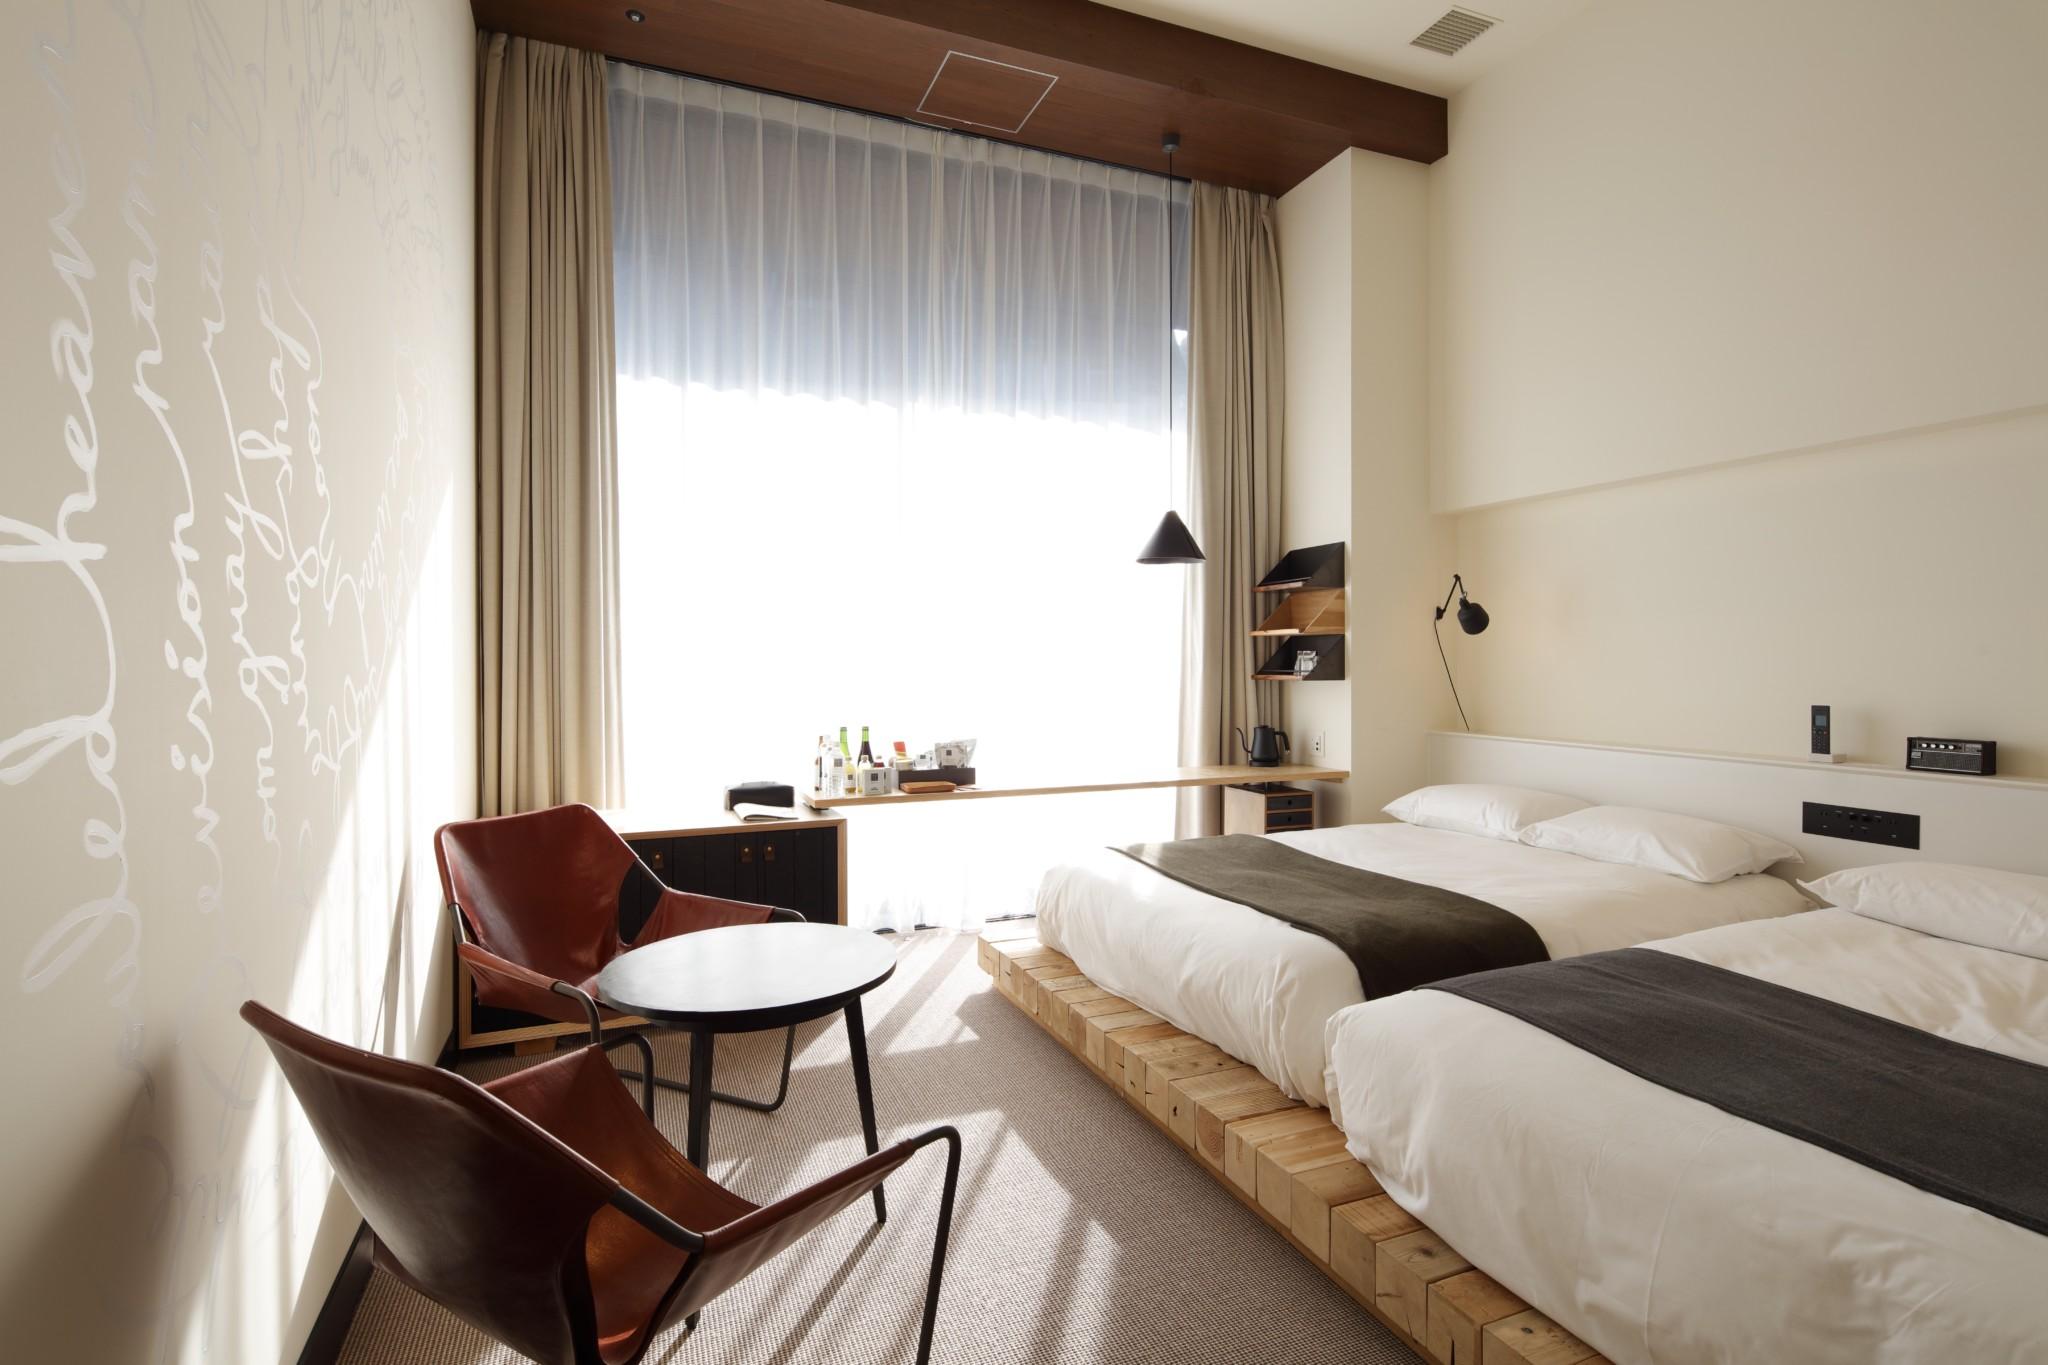 【全国】今、泊まりたいサステナブルホテル8選!旅に出るのならSDGsに取り組む宿へ。